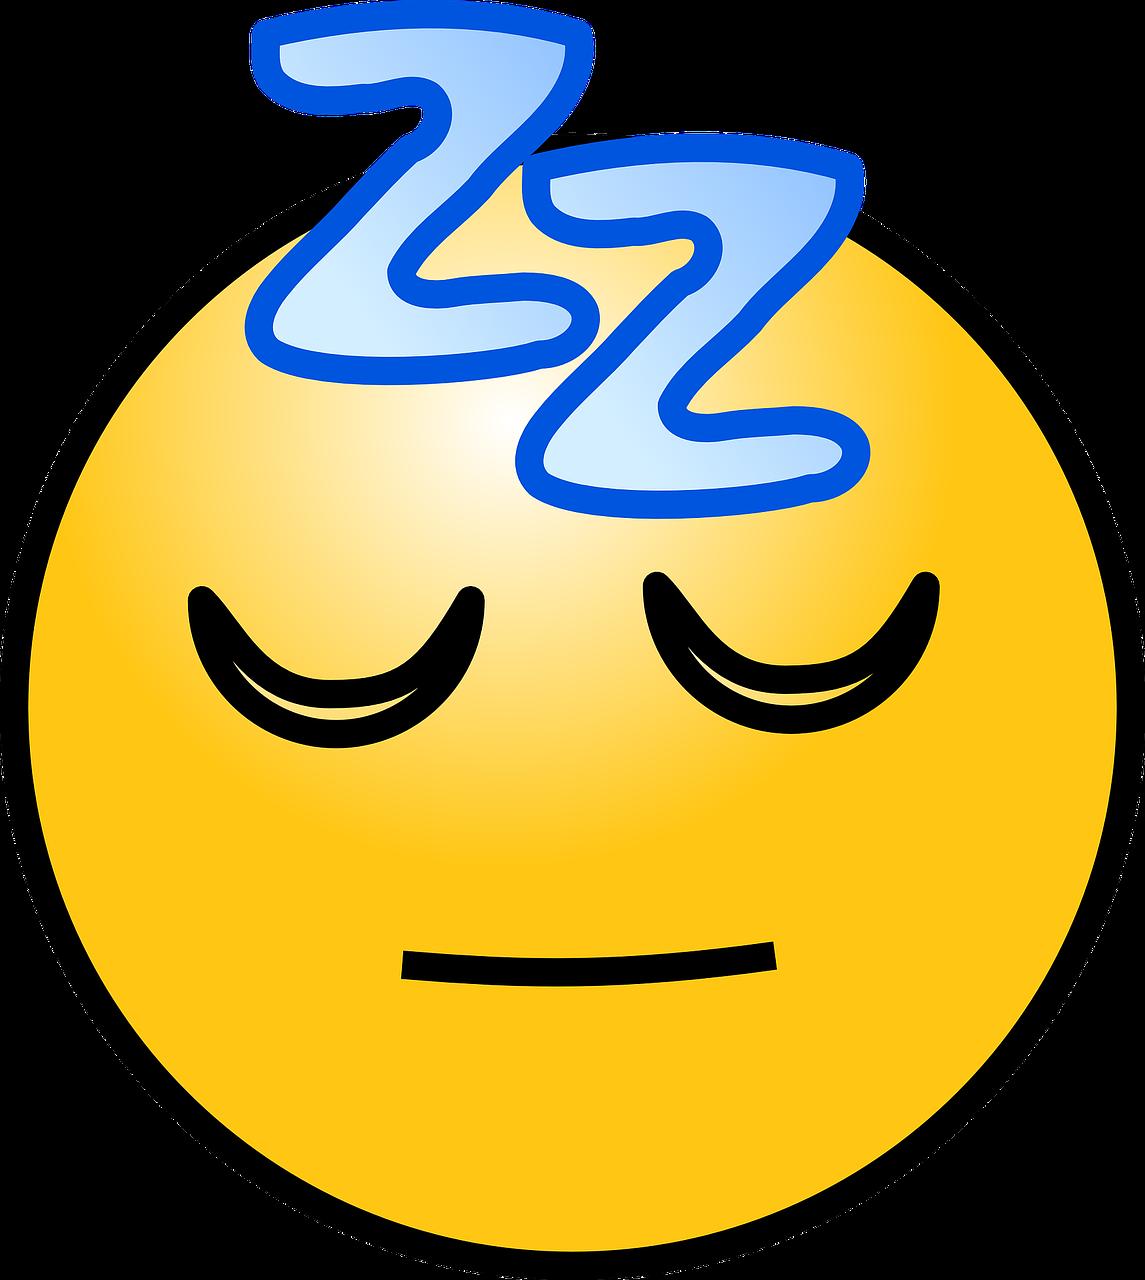 Сън Спи Емотикони - Безплатни векторни графики в Pixabay